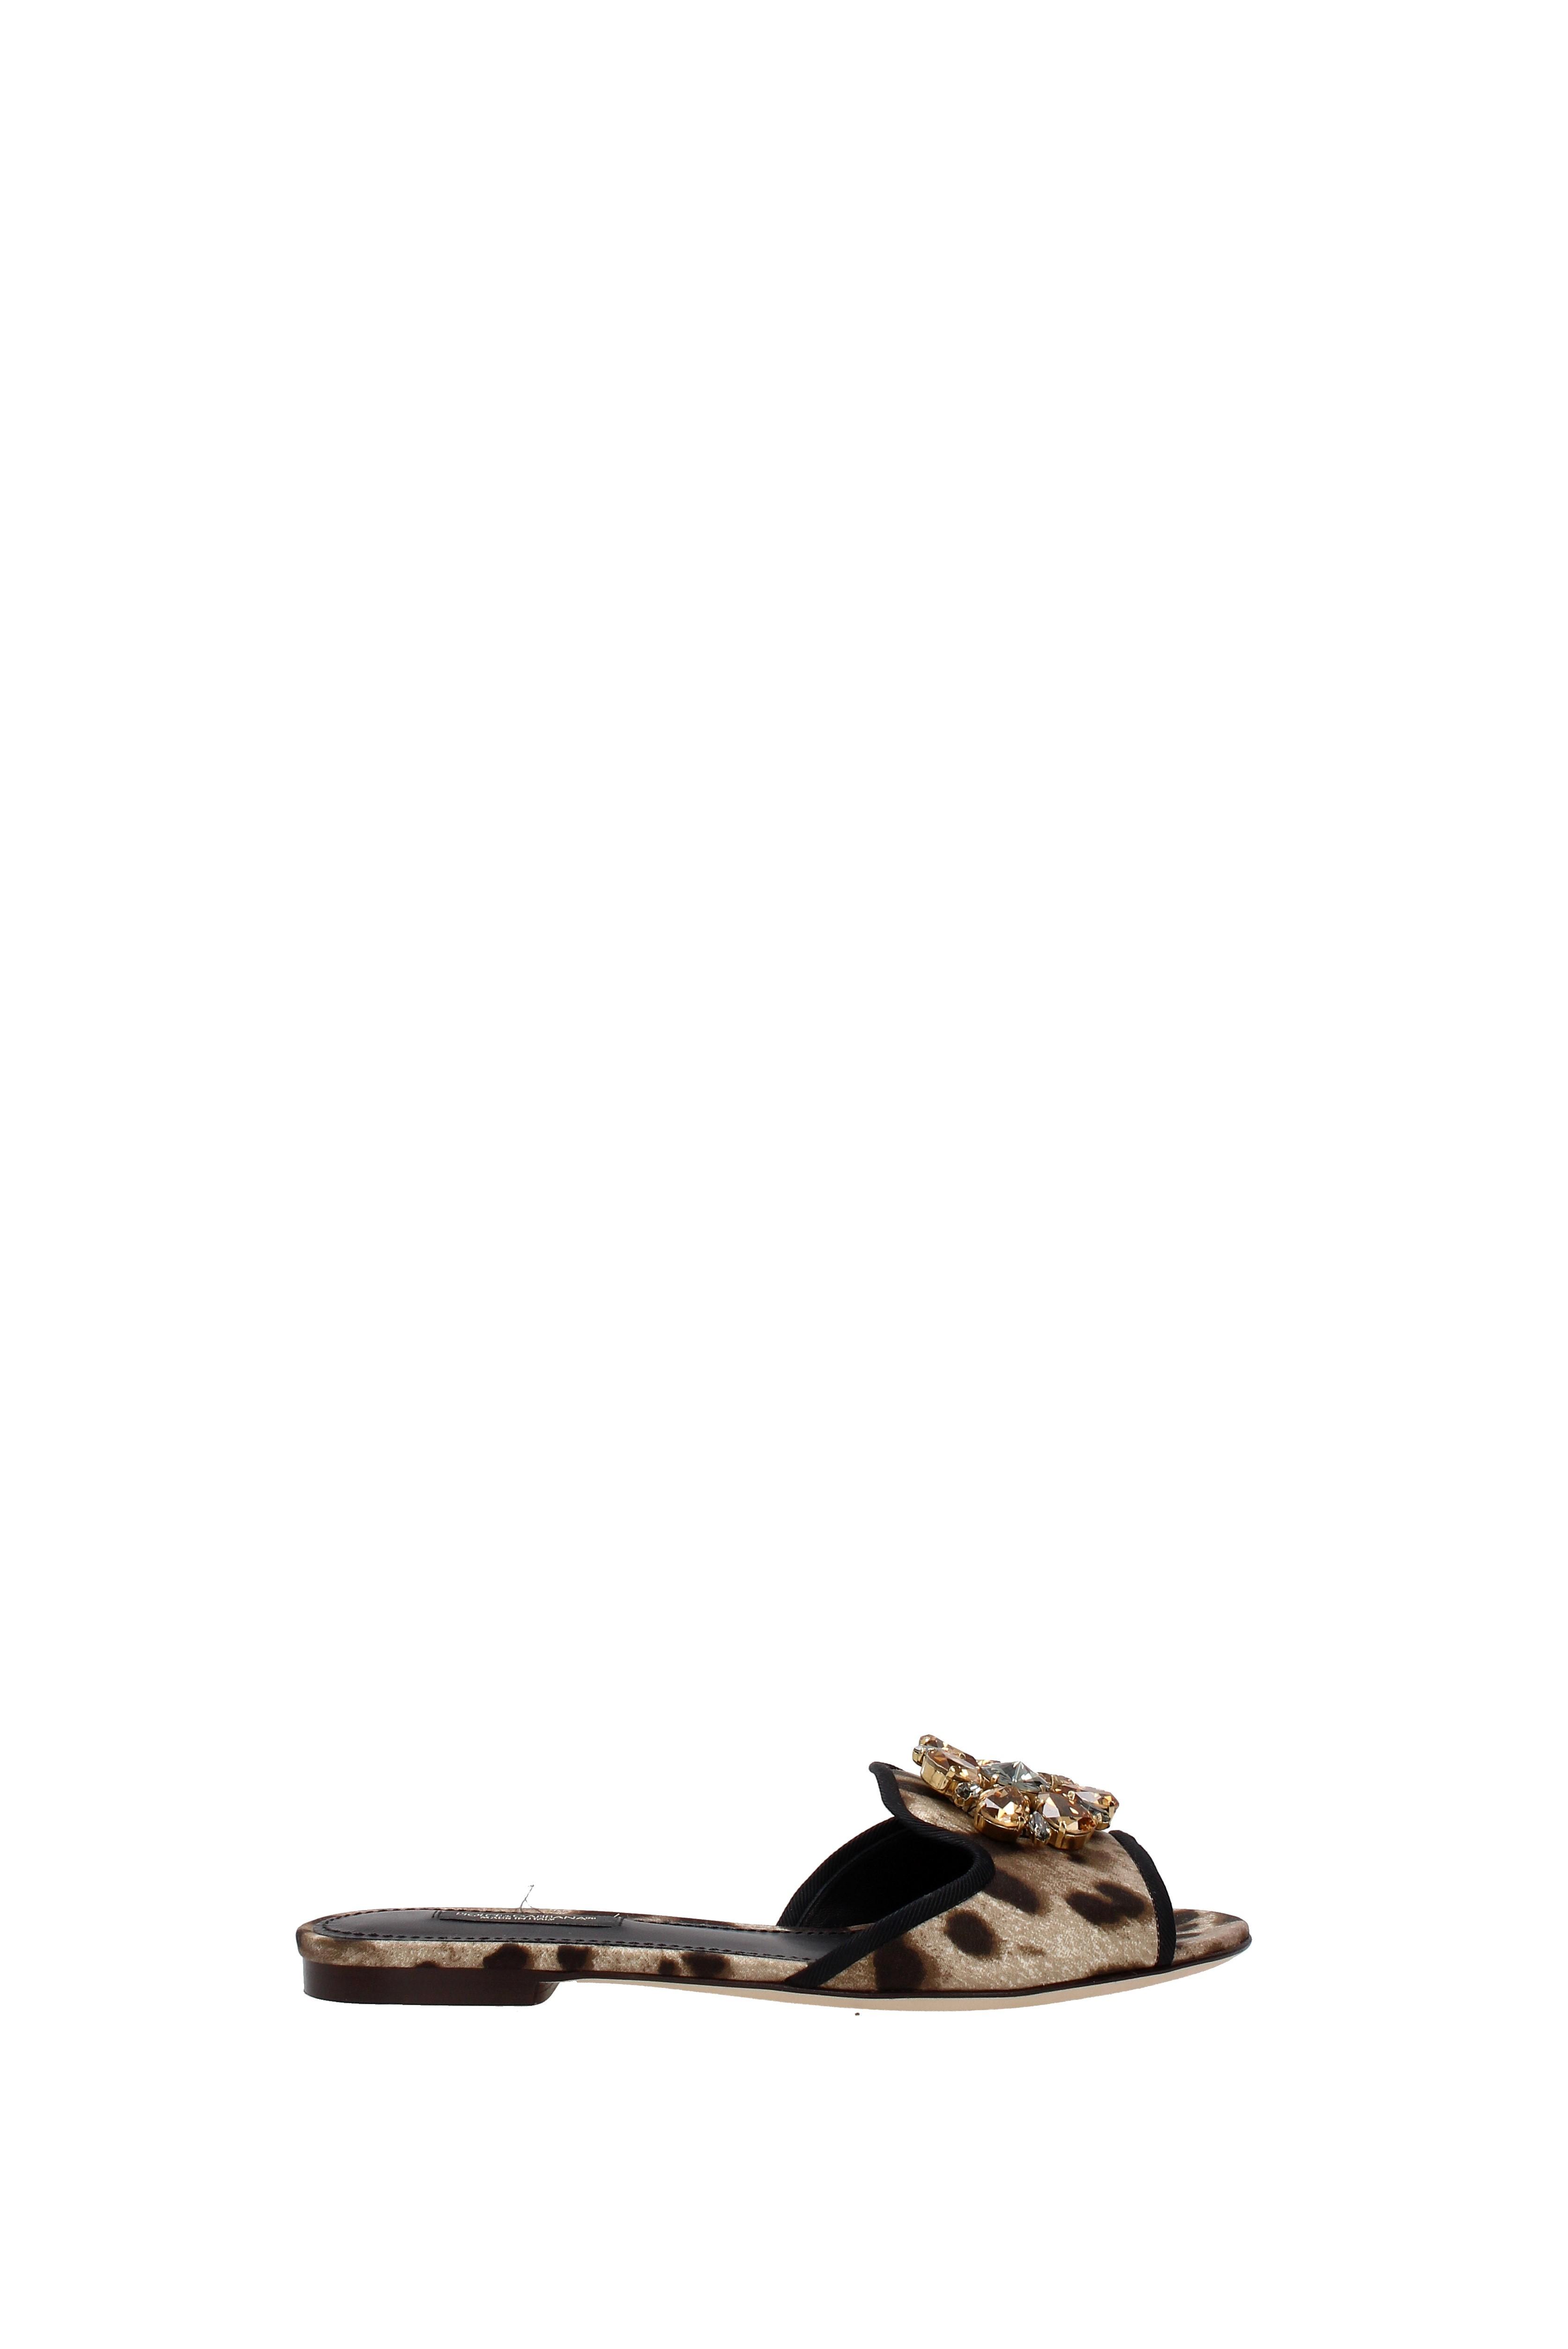 Flip-Flops Flip-Flops Flip-Flops und Holzschuhe Dolce&Gabbana Damen - Stoff (CQ0023AG411) dd3854